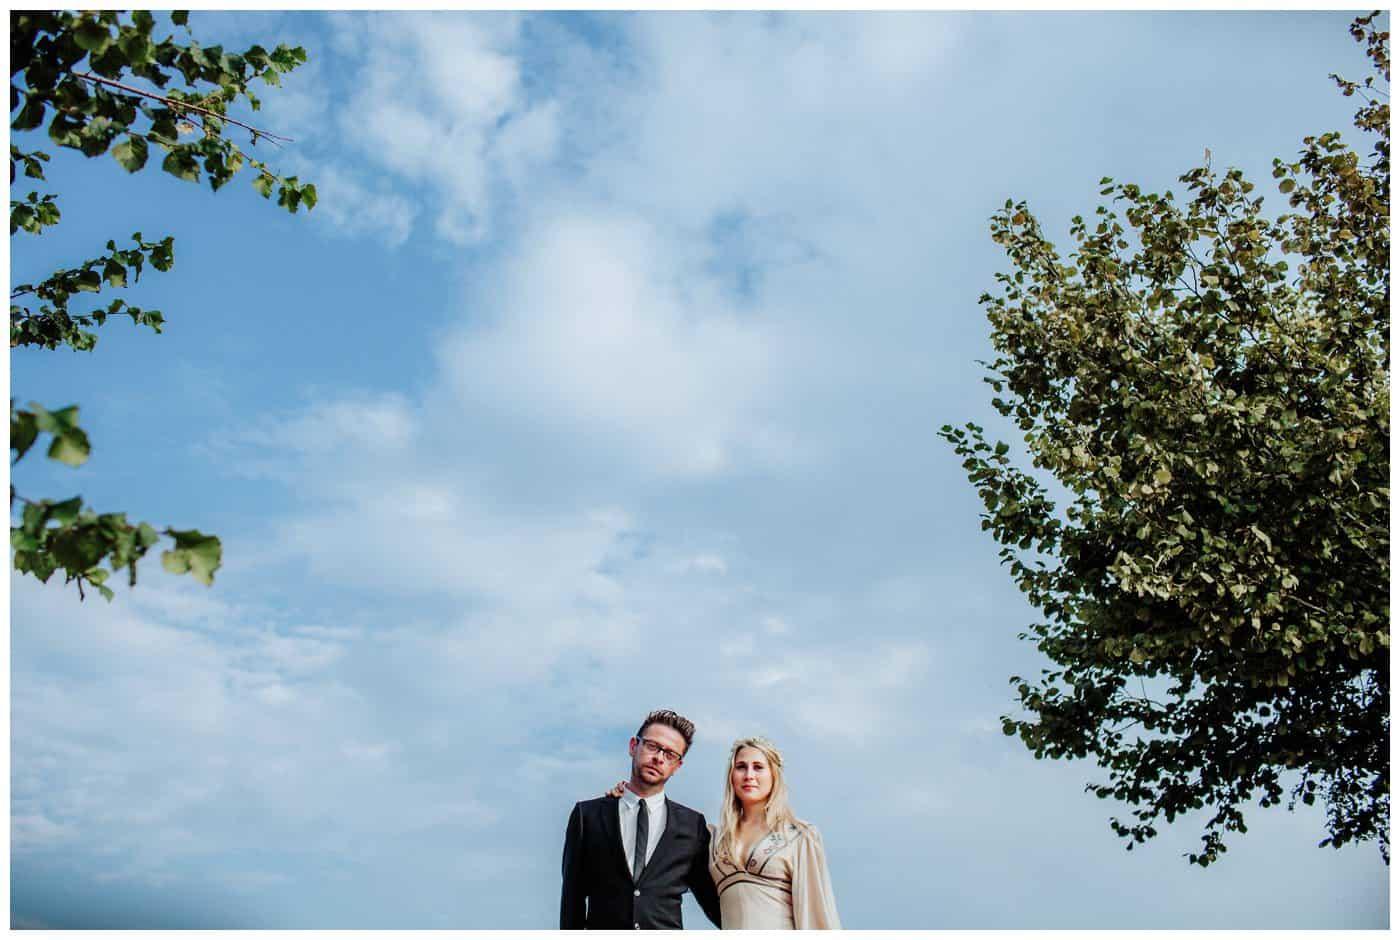 huntstile organic farm weddings goathurst bridgwater